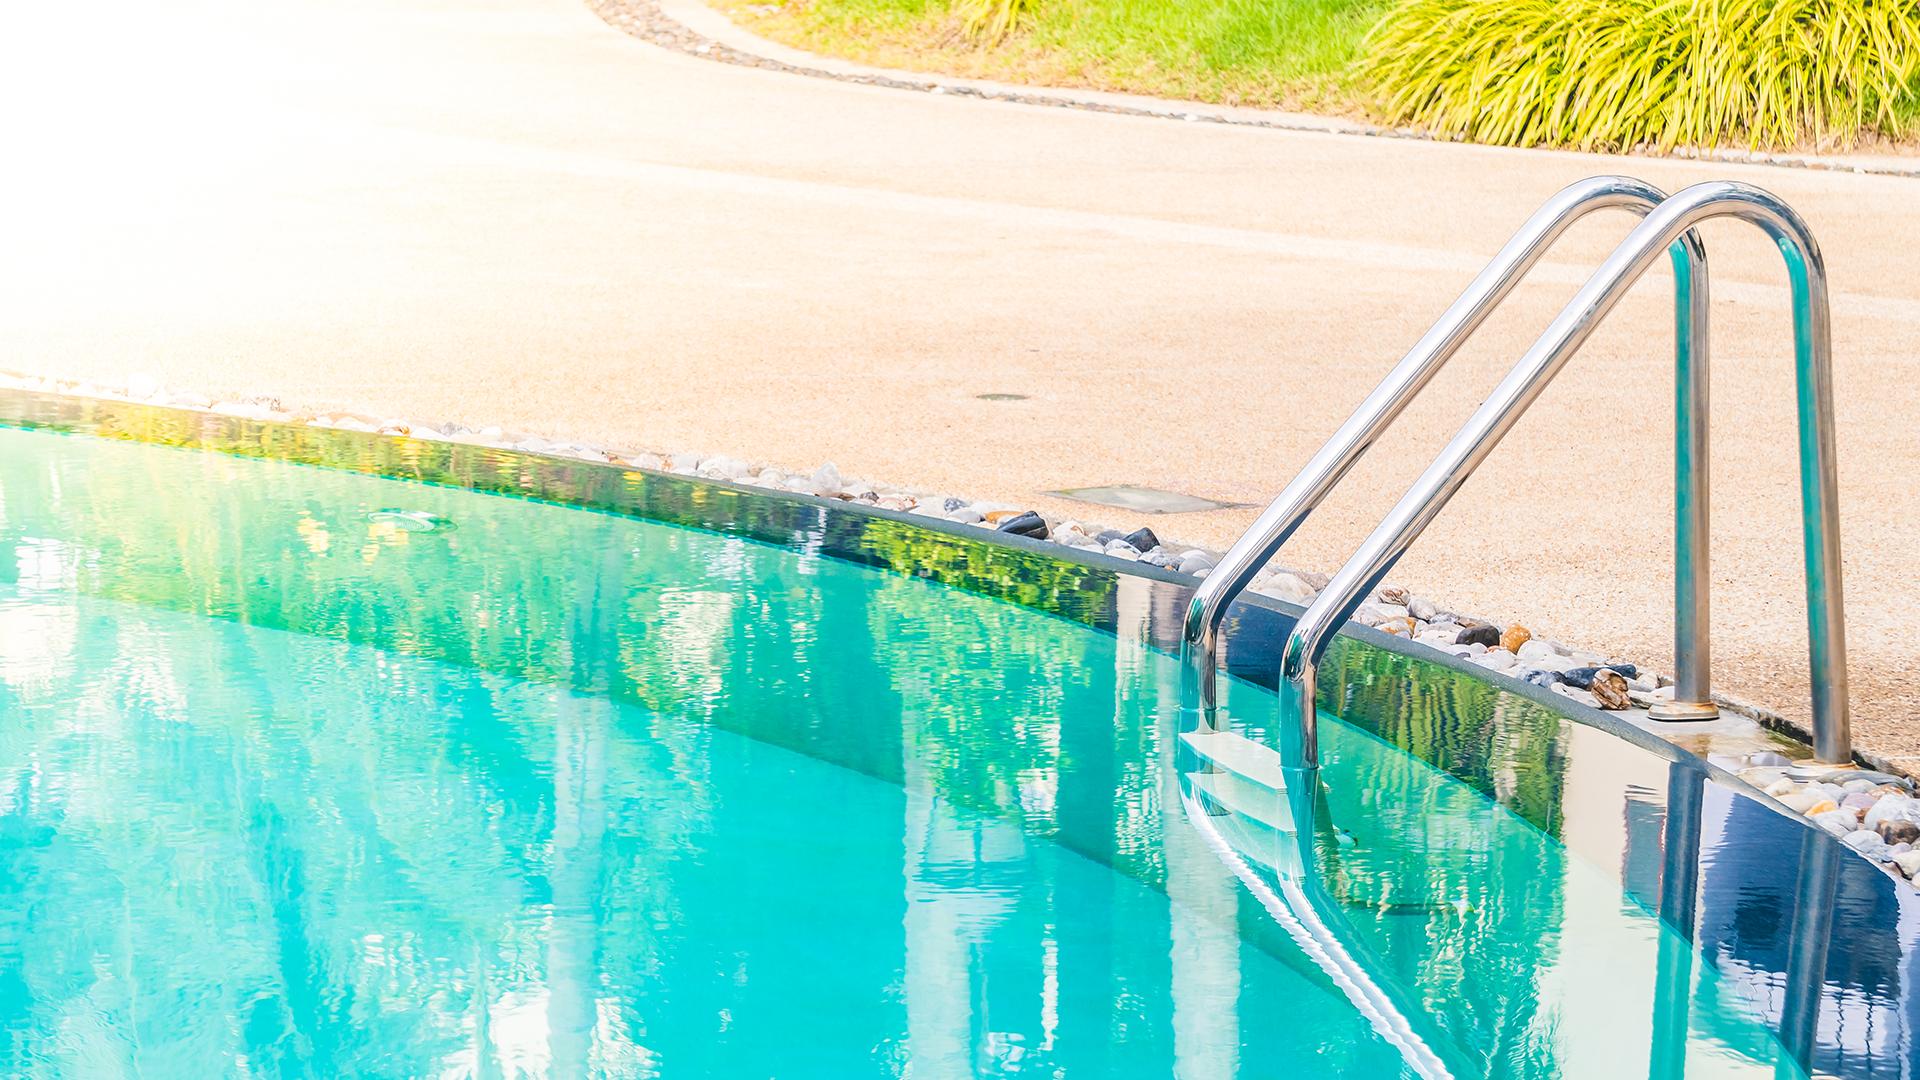 amenagement exterieur Bouches-du-Rhone-renovation de piscines PACA-paysagiste Arles-pose de liner Camargue-entretien de jardin Alpilles